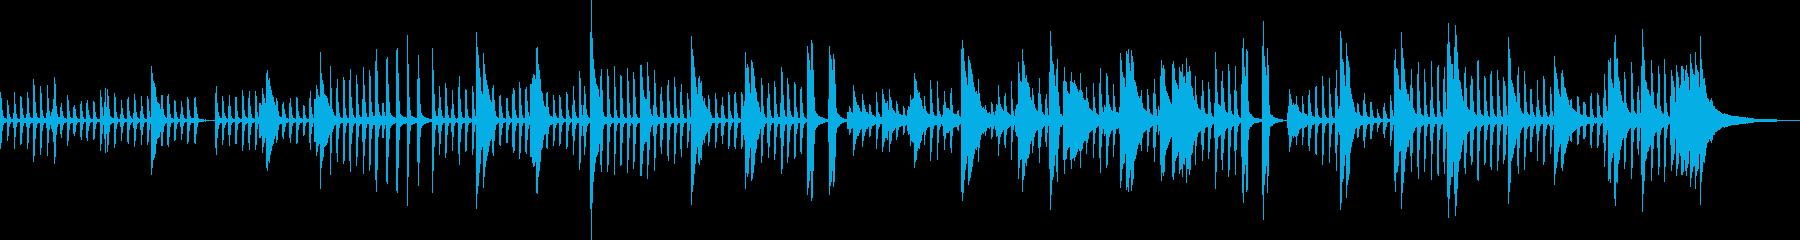 オシャレ・ピアノ・幻想的・BGM・雪の再生済みの波形